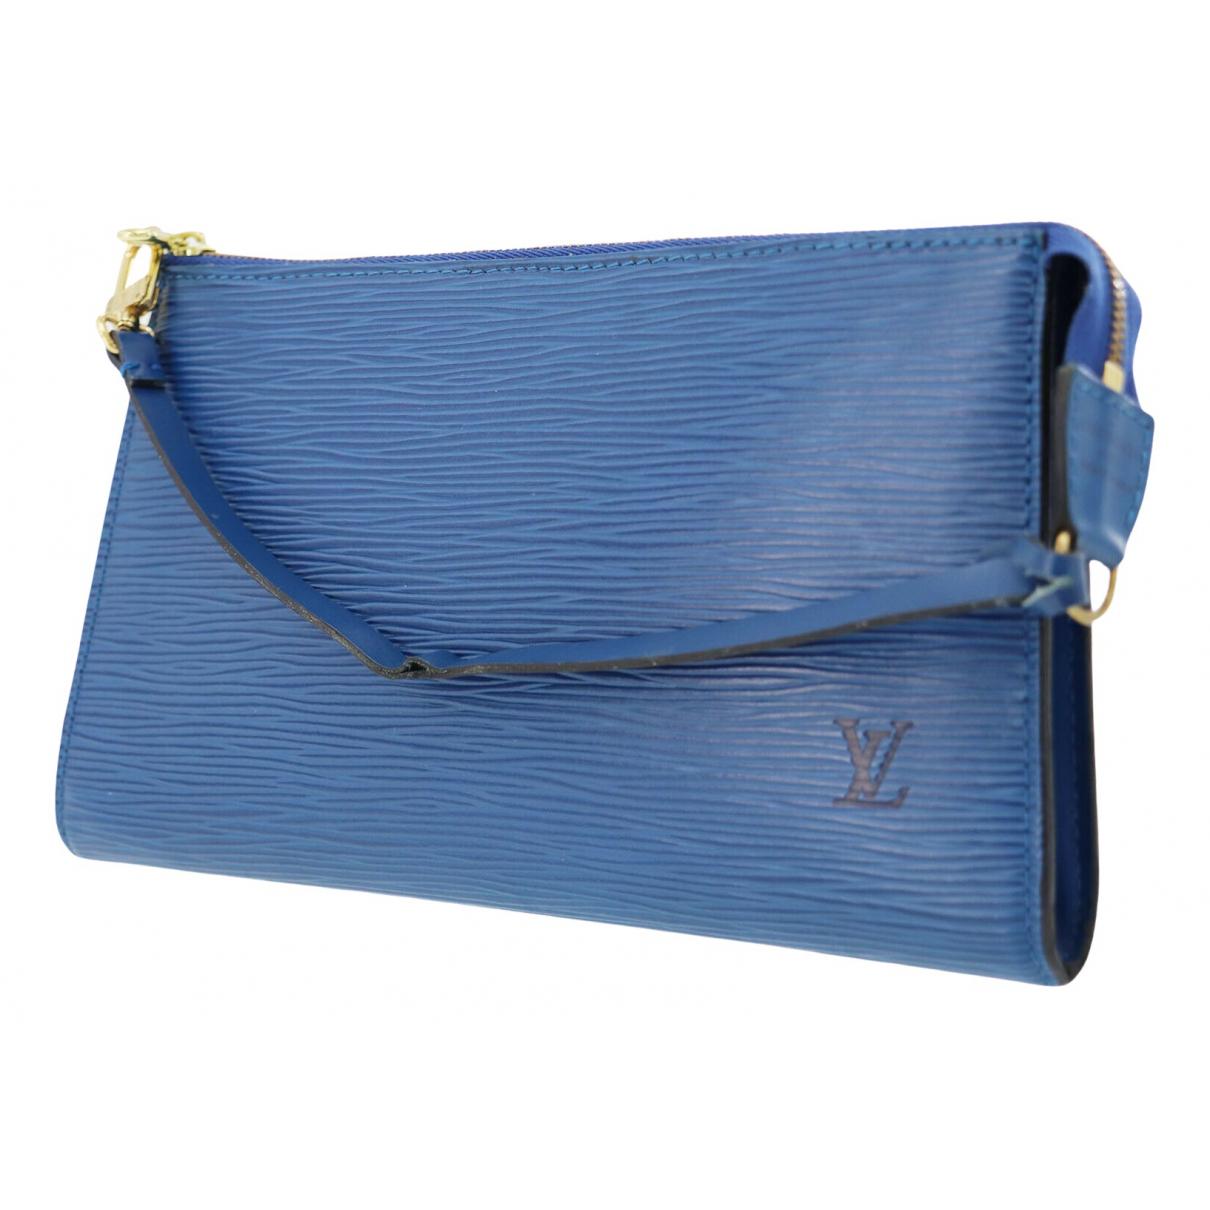 Louis Vuitton Pochette Accessoire Blue Leather Clutch bag for Women \N